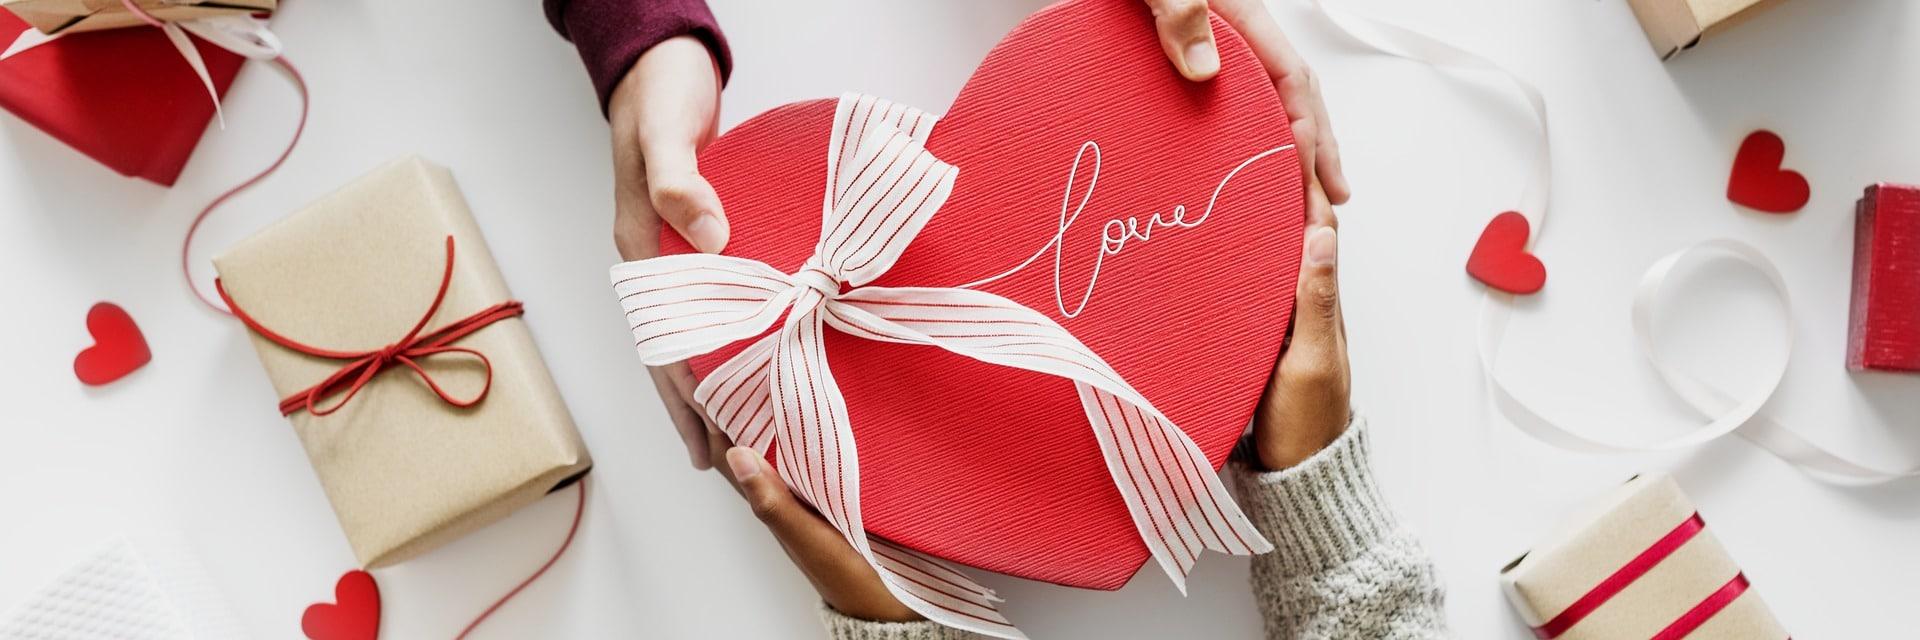 Combien De Rose Pour La St Valentin la saint valentin aux etats-unis en 2020 & son économie   blog